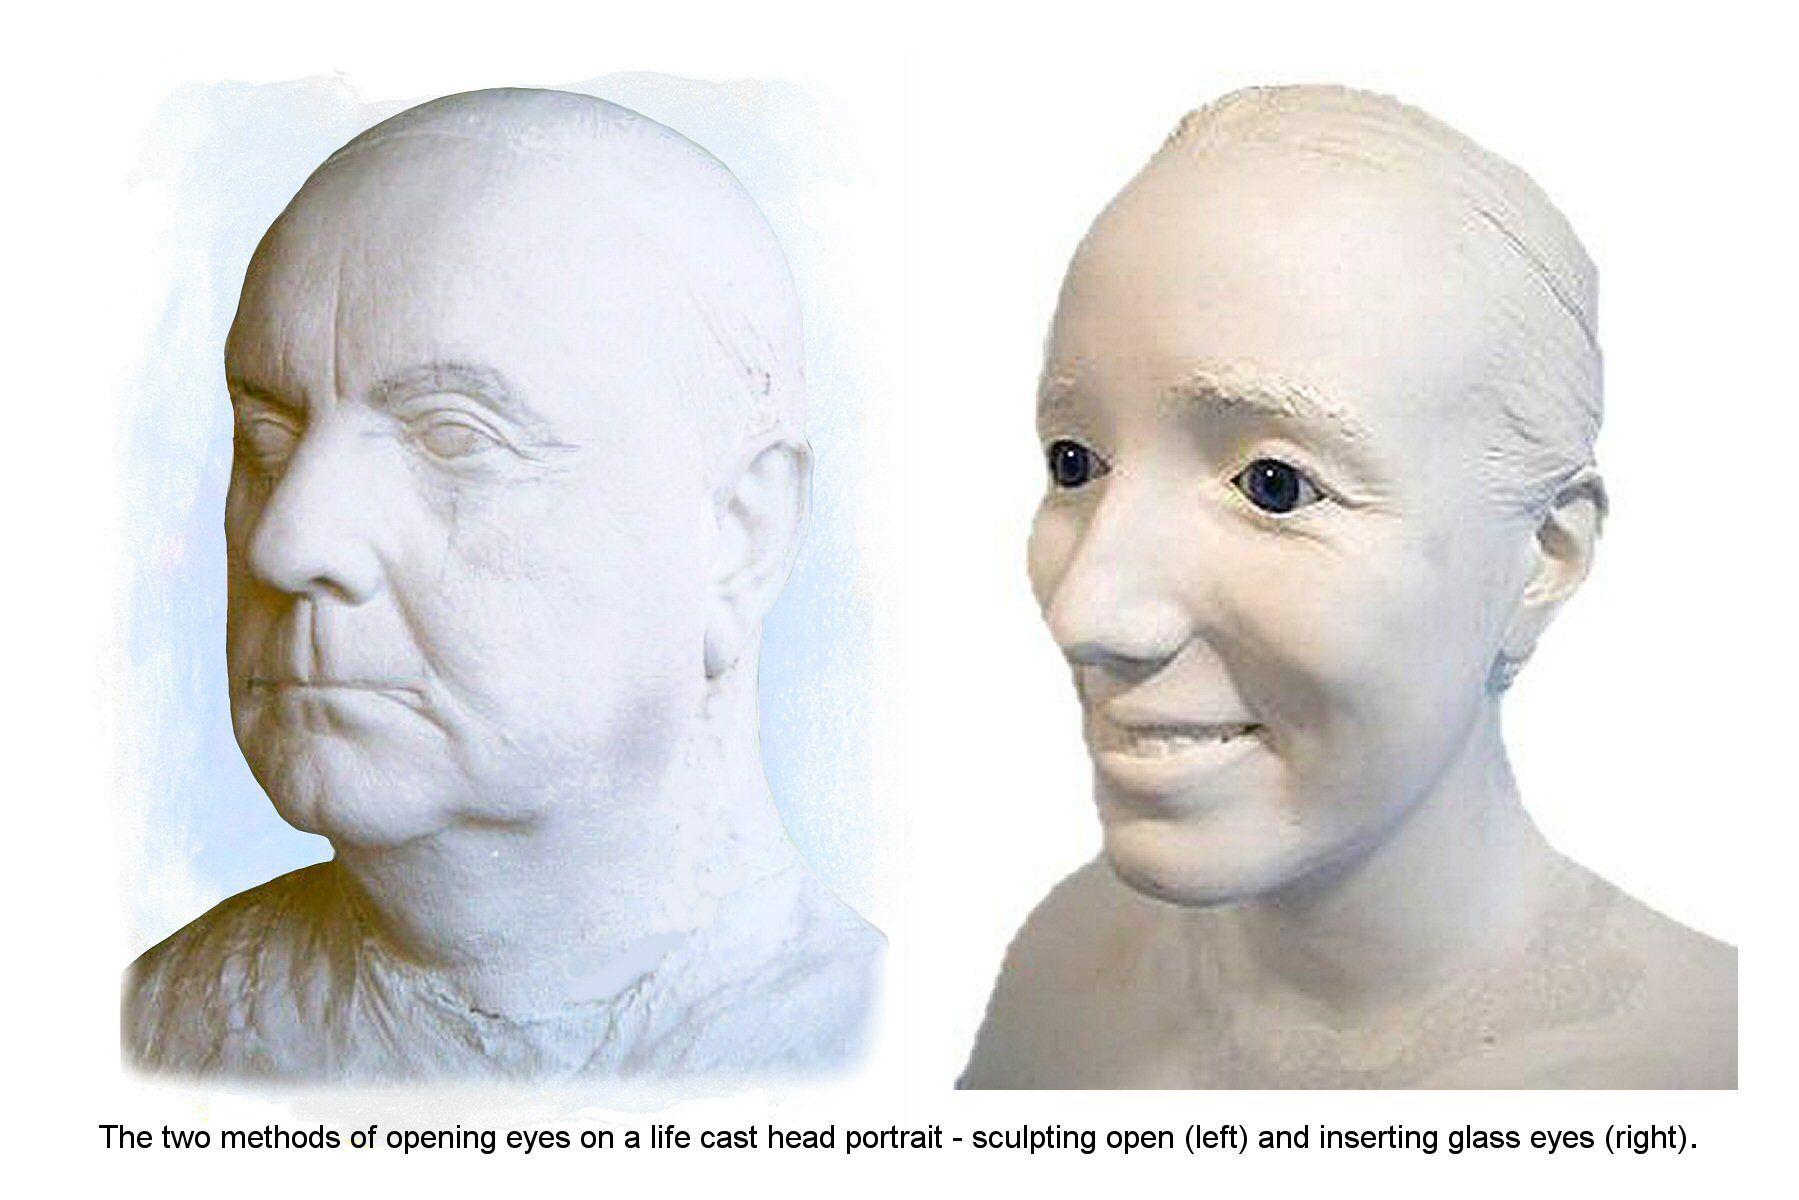 open eye examples